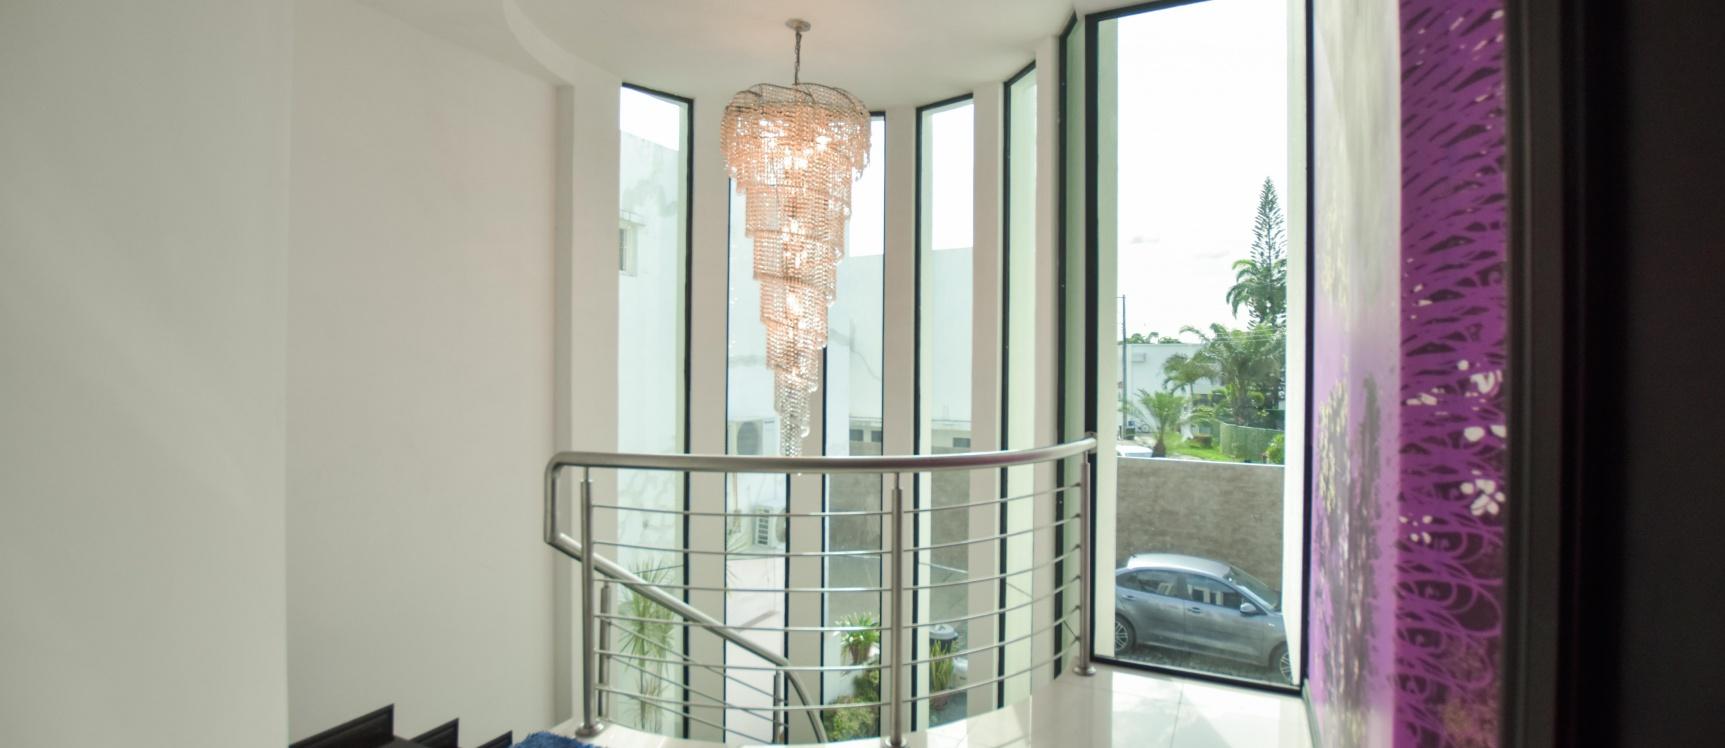 GeoBienes - Casa en venta en urbanización Bouganville - Plusvalia Guayaquil Casas de venta y alquiler Inmobiliaria Ecuador